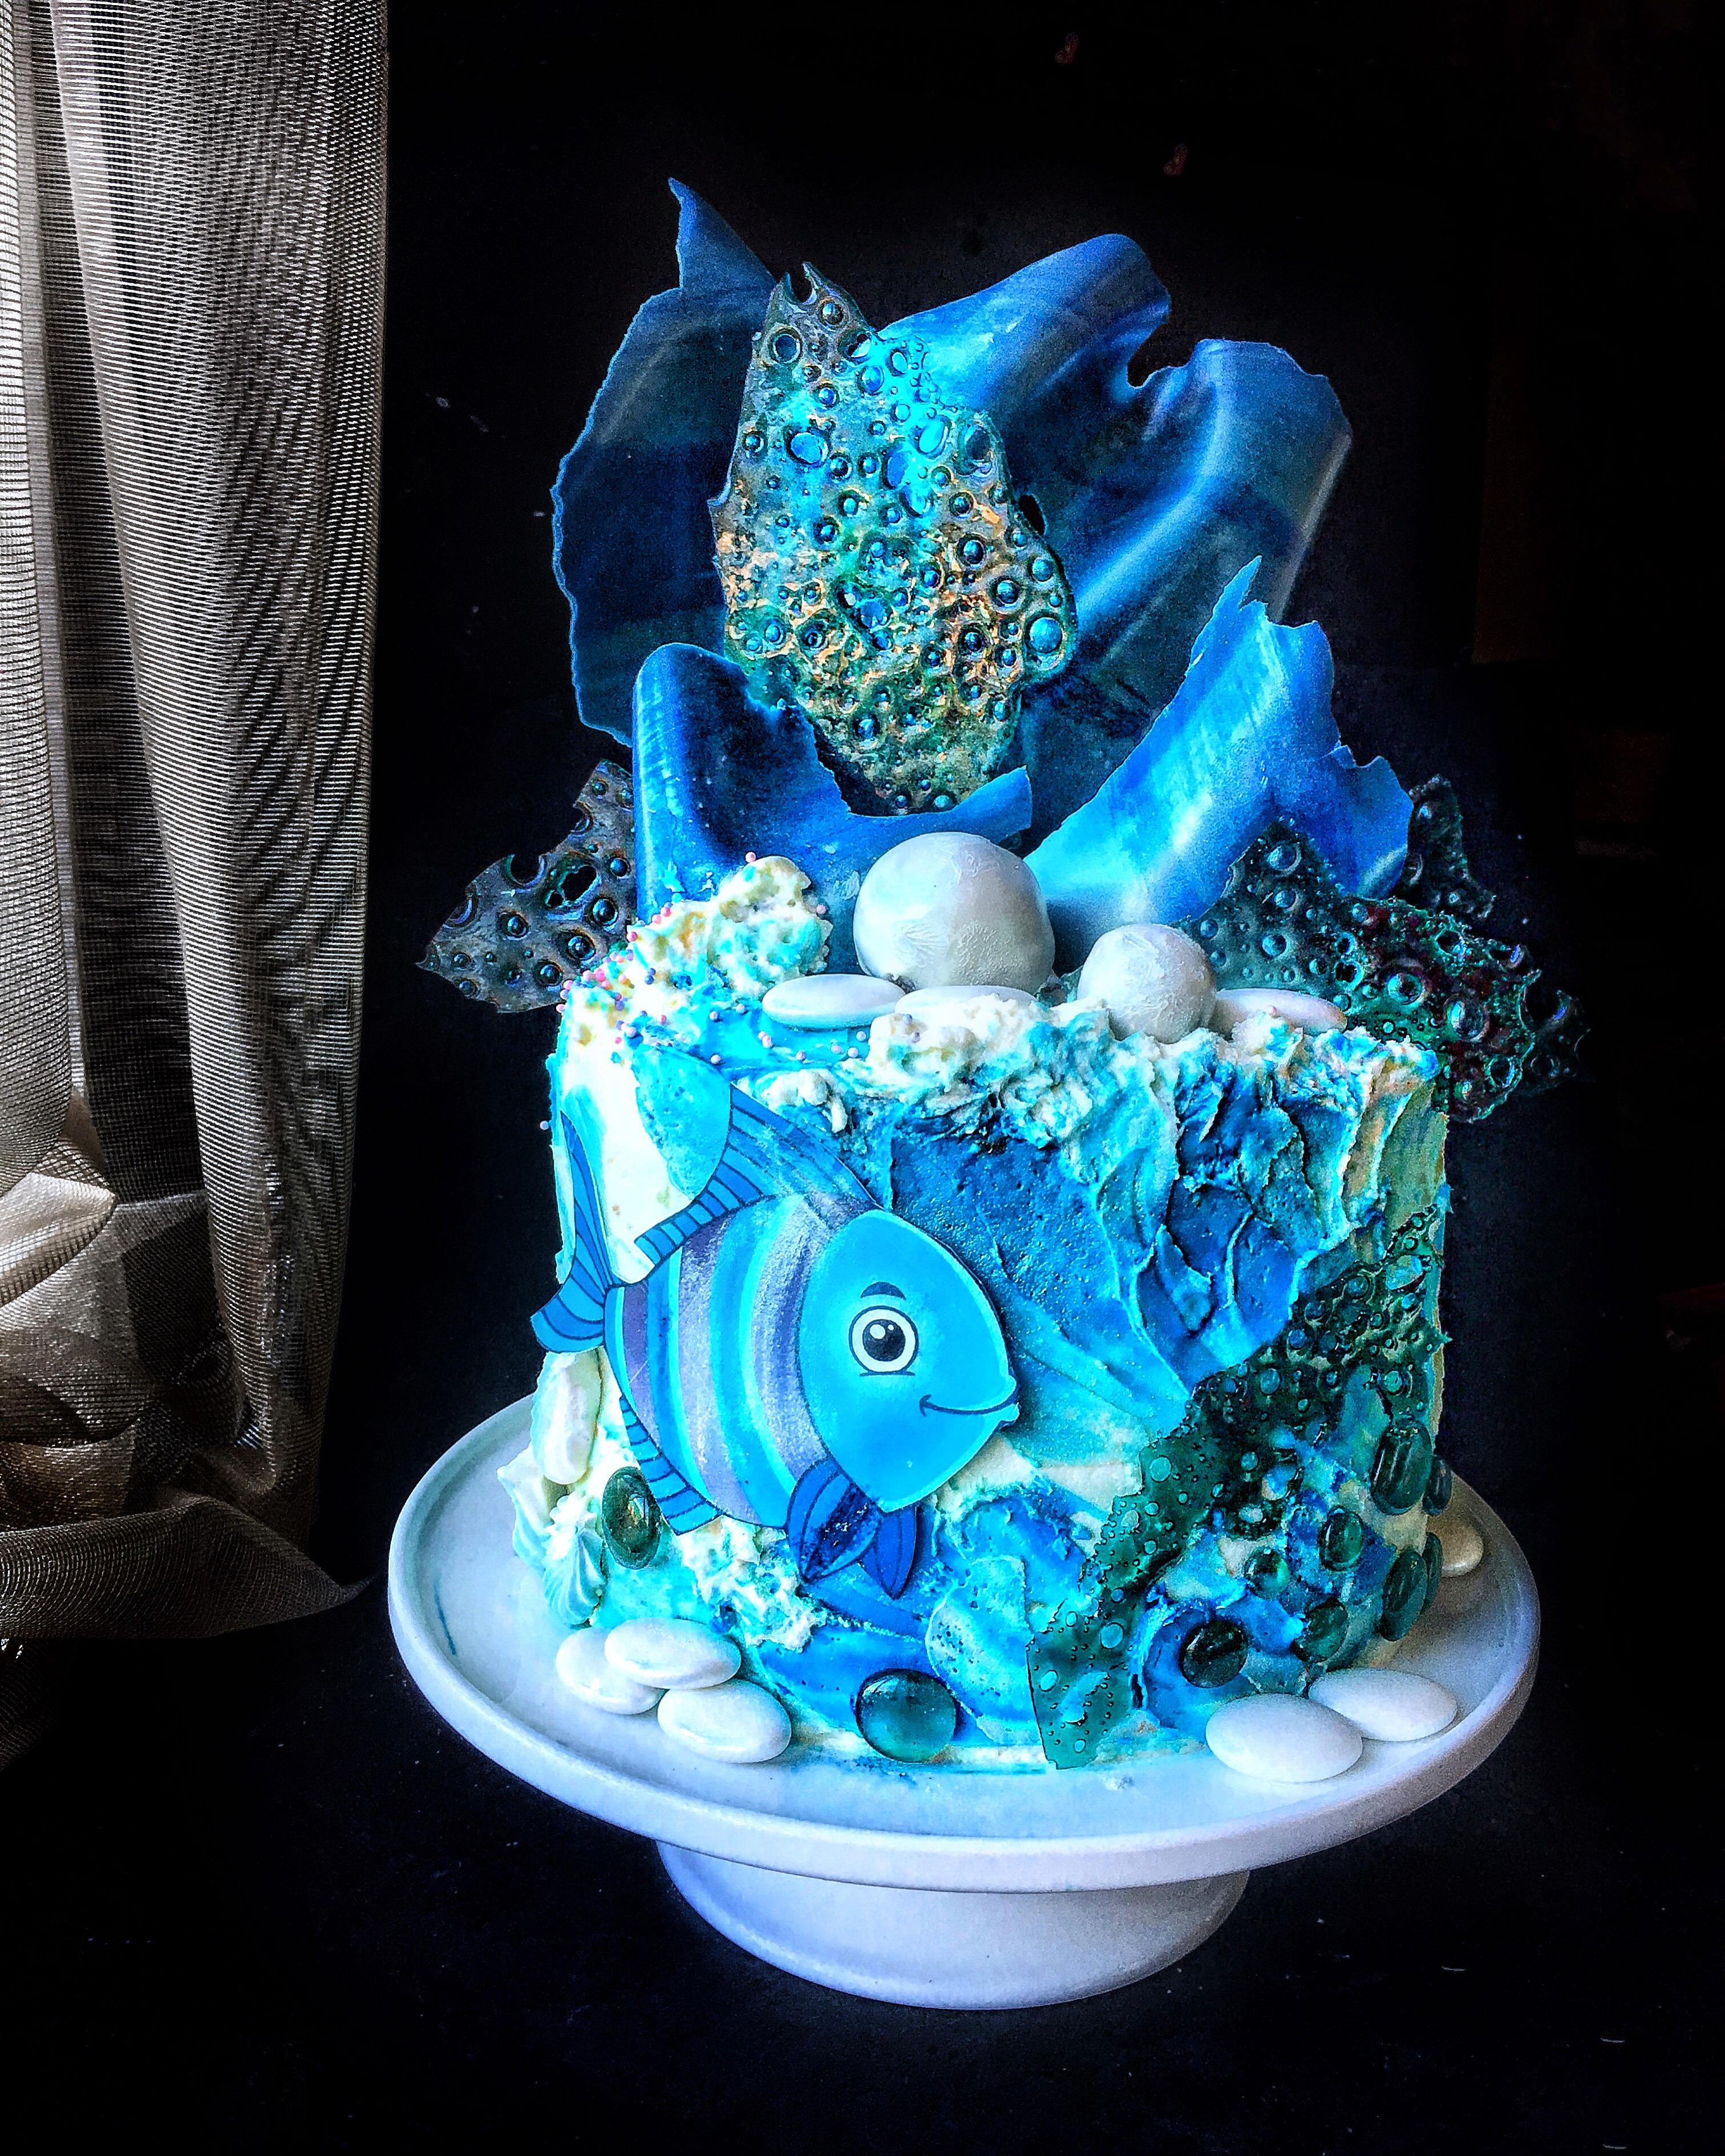 торт на заказ усть-лабинск